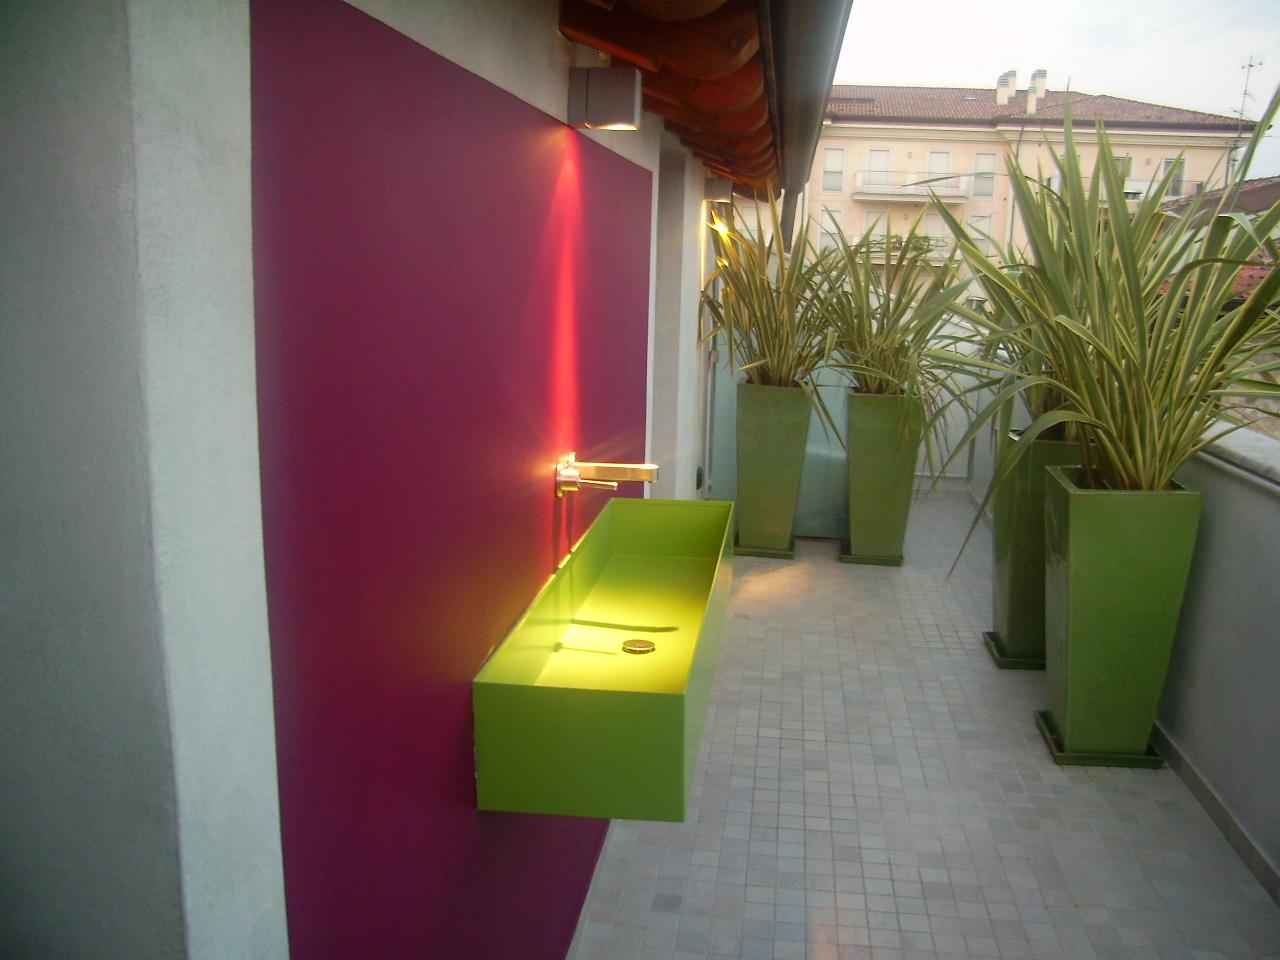 Emejing Arredare Balconi E Terrazzi Gallery - Design Trends 2017 ...